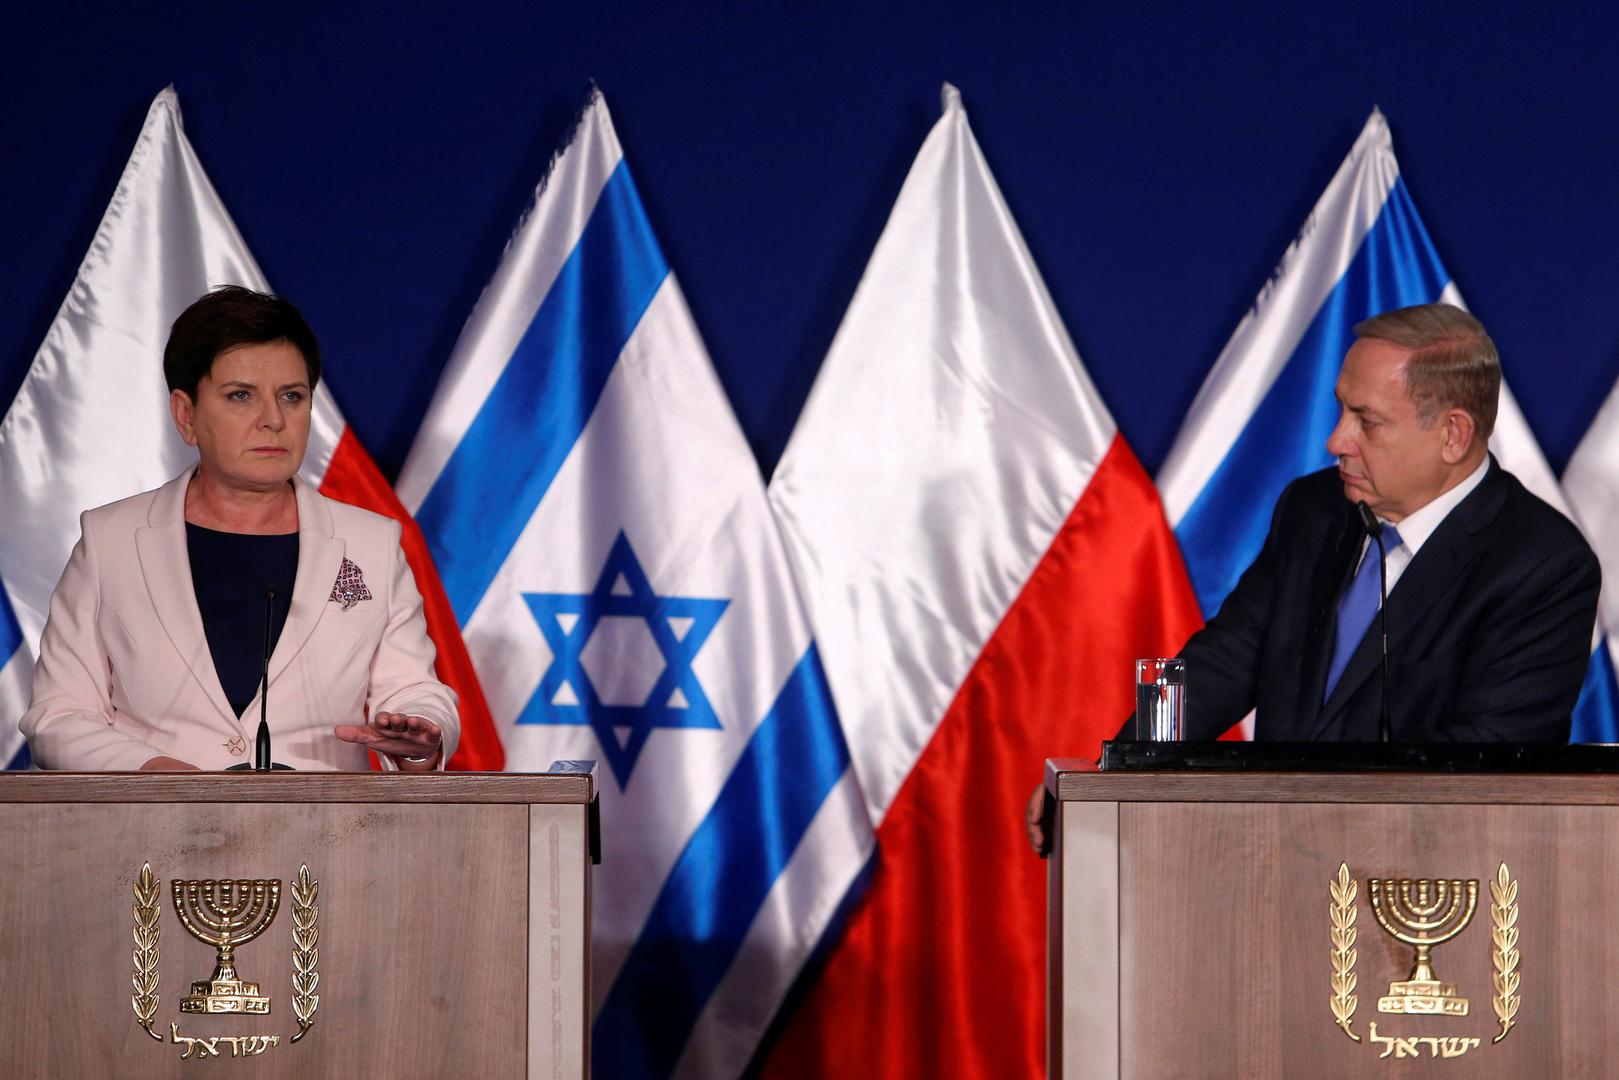 العلاقات الإسرائيلية البولندية قد